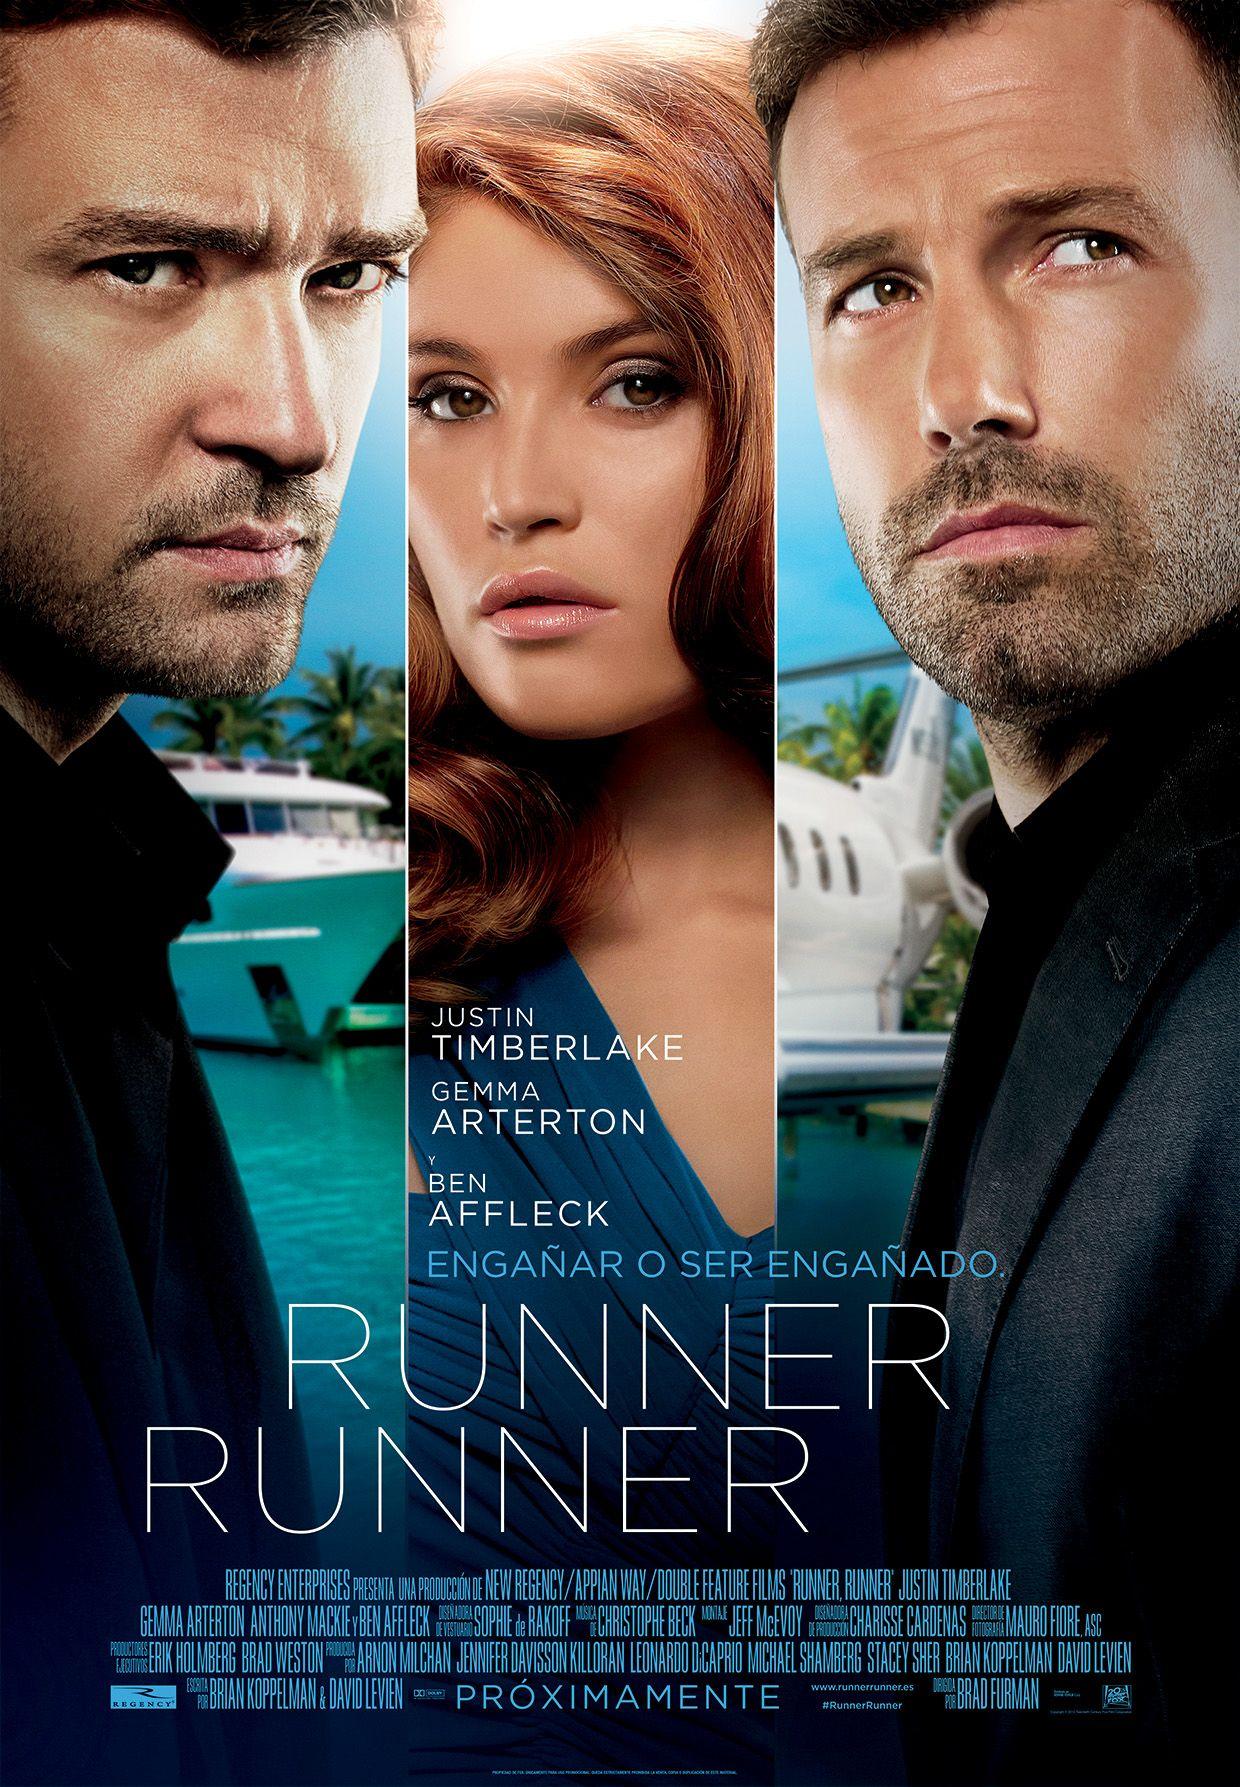 Runner Runner 2013 Cinama Films Movies Movie Posters Movies